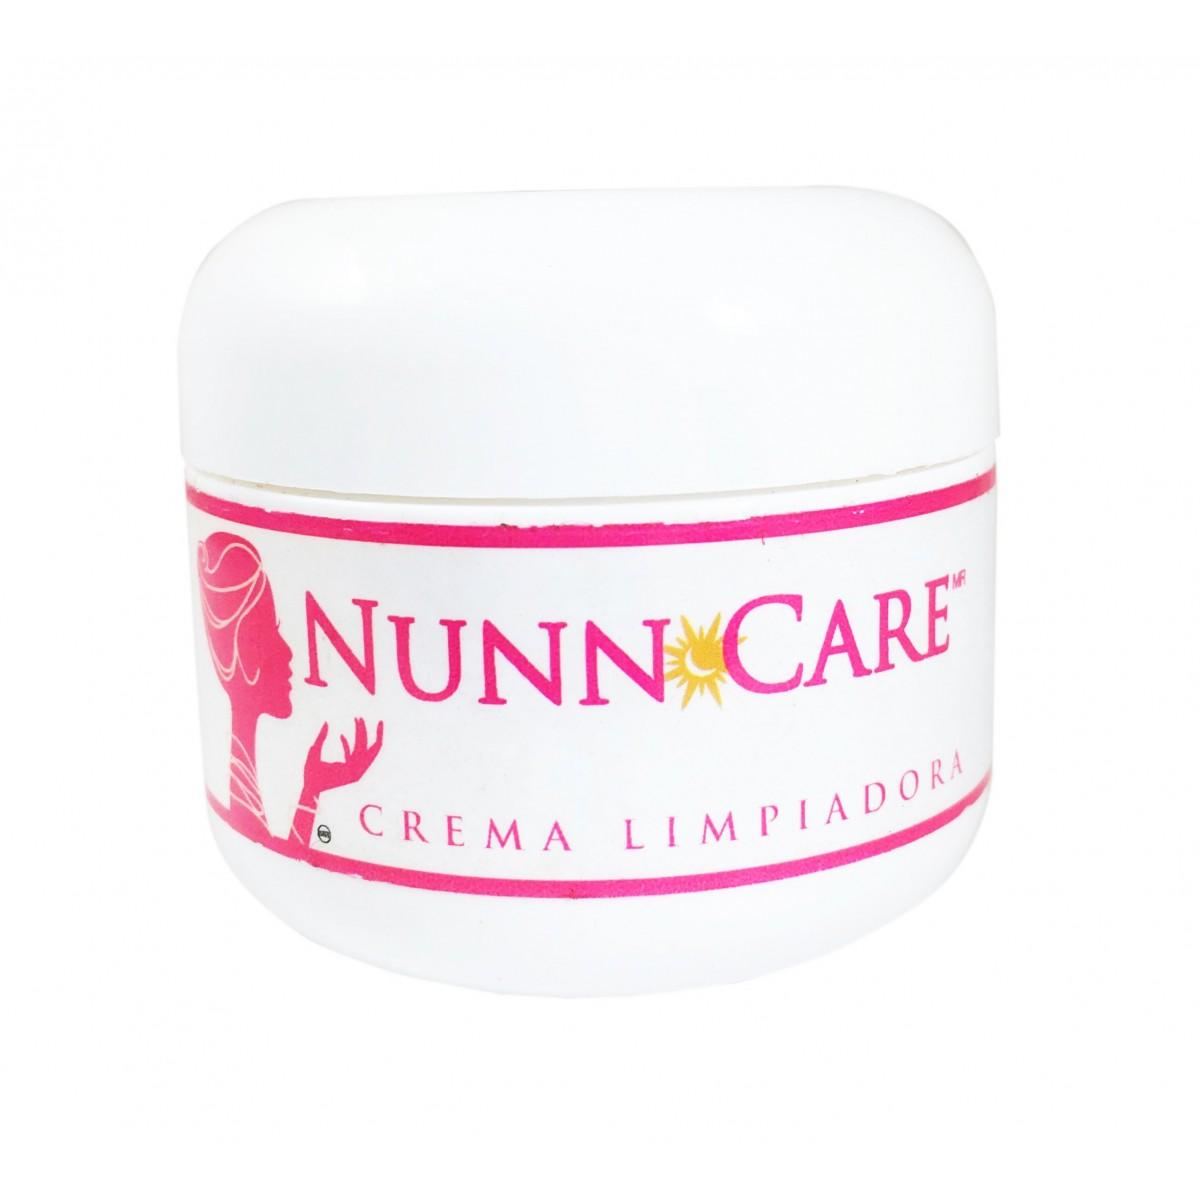 nunn_care_crema_limpiadora_copyright_innovacion_natural.jpg